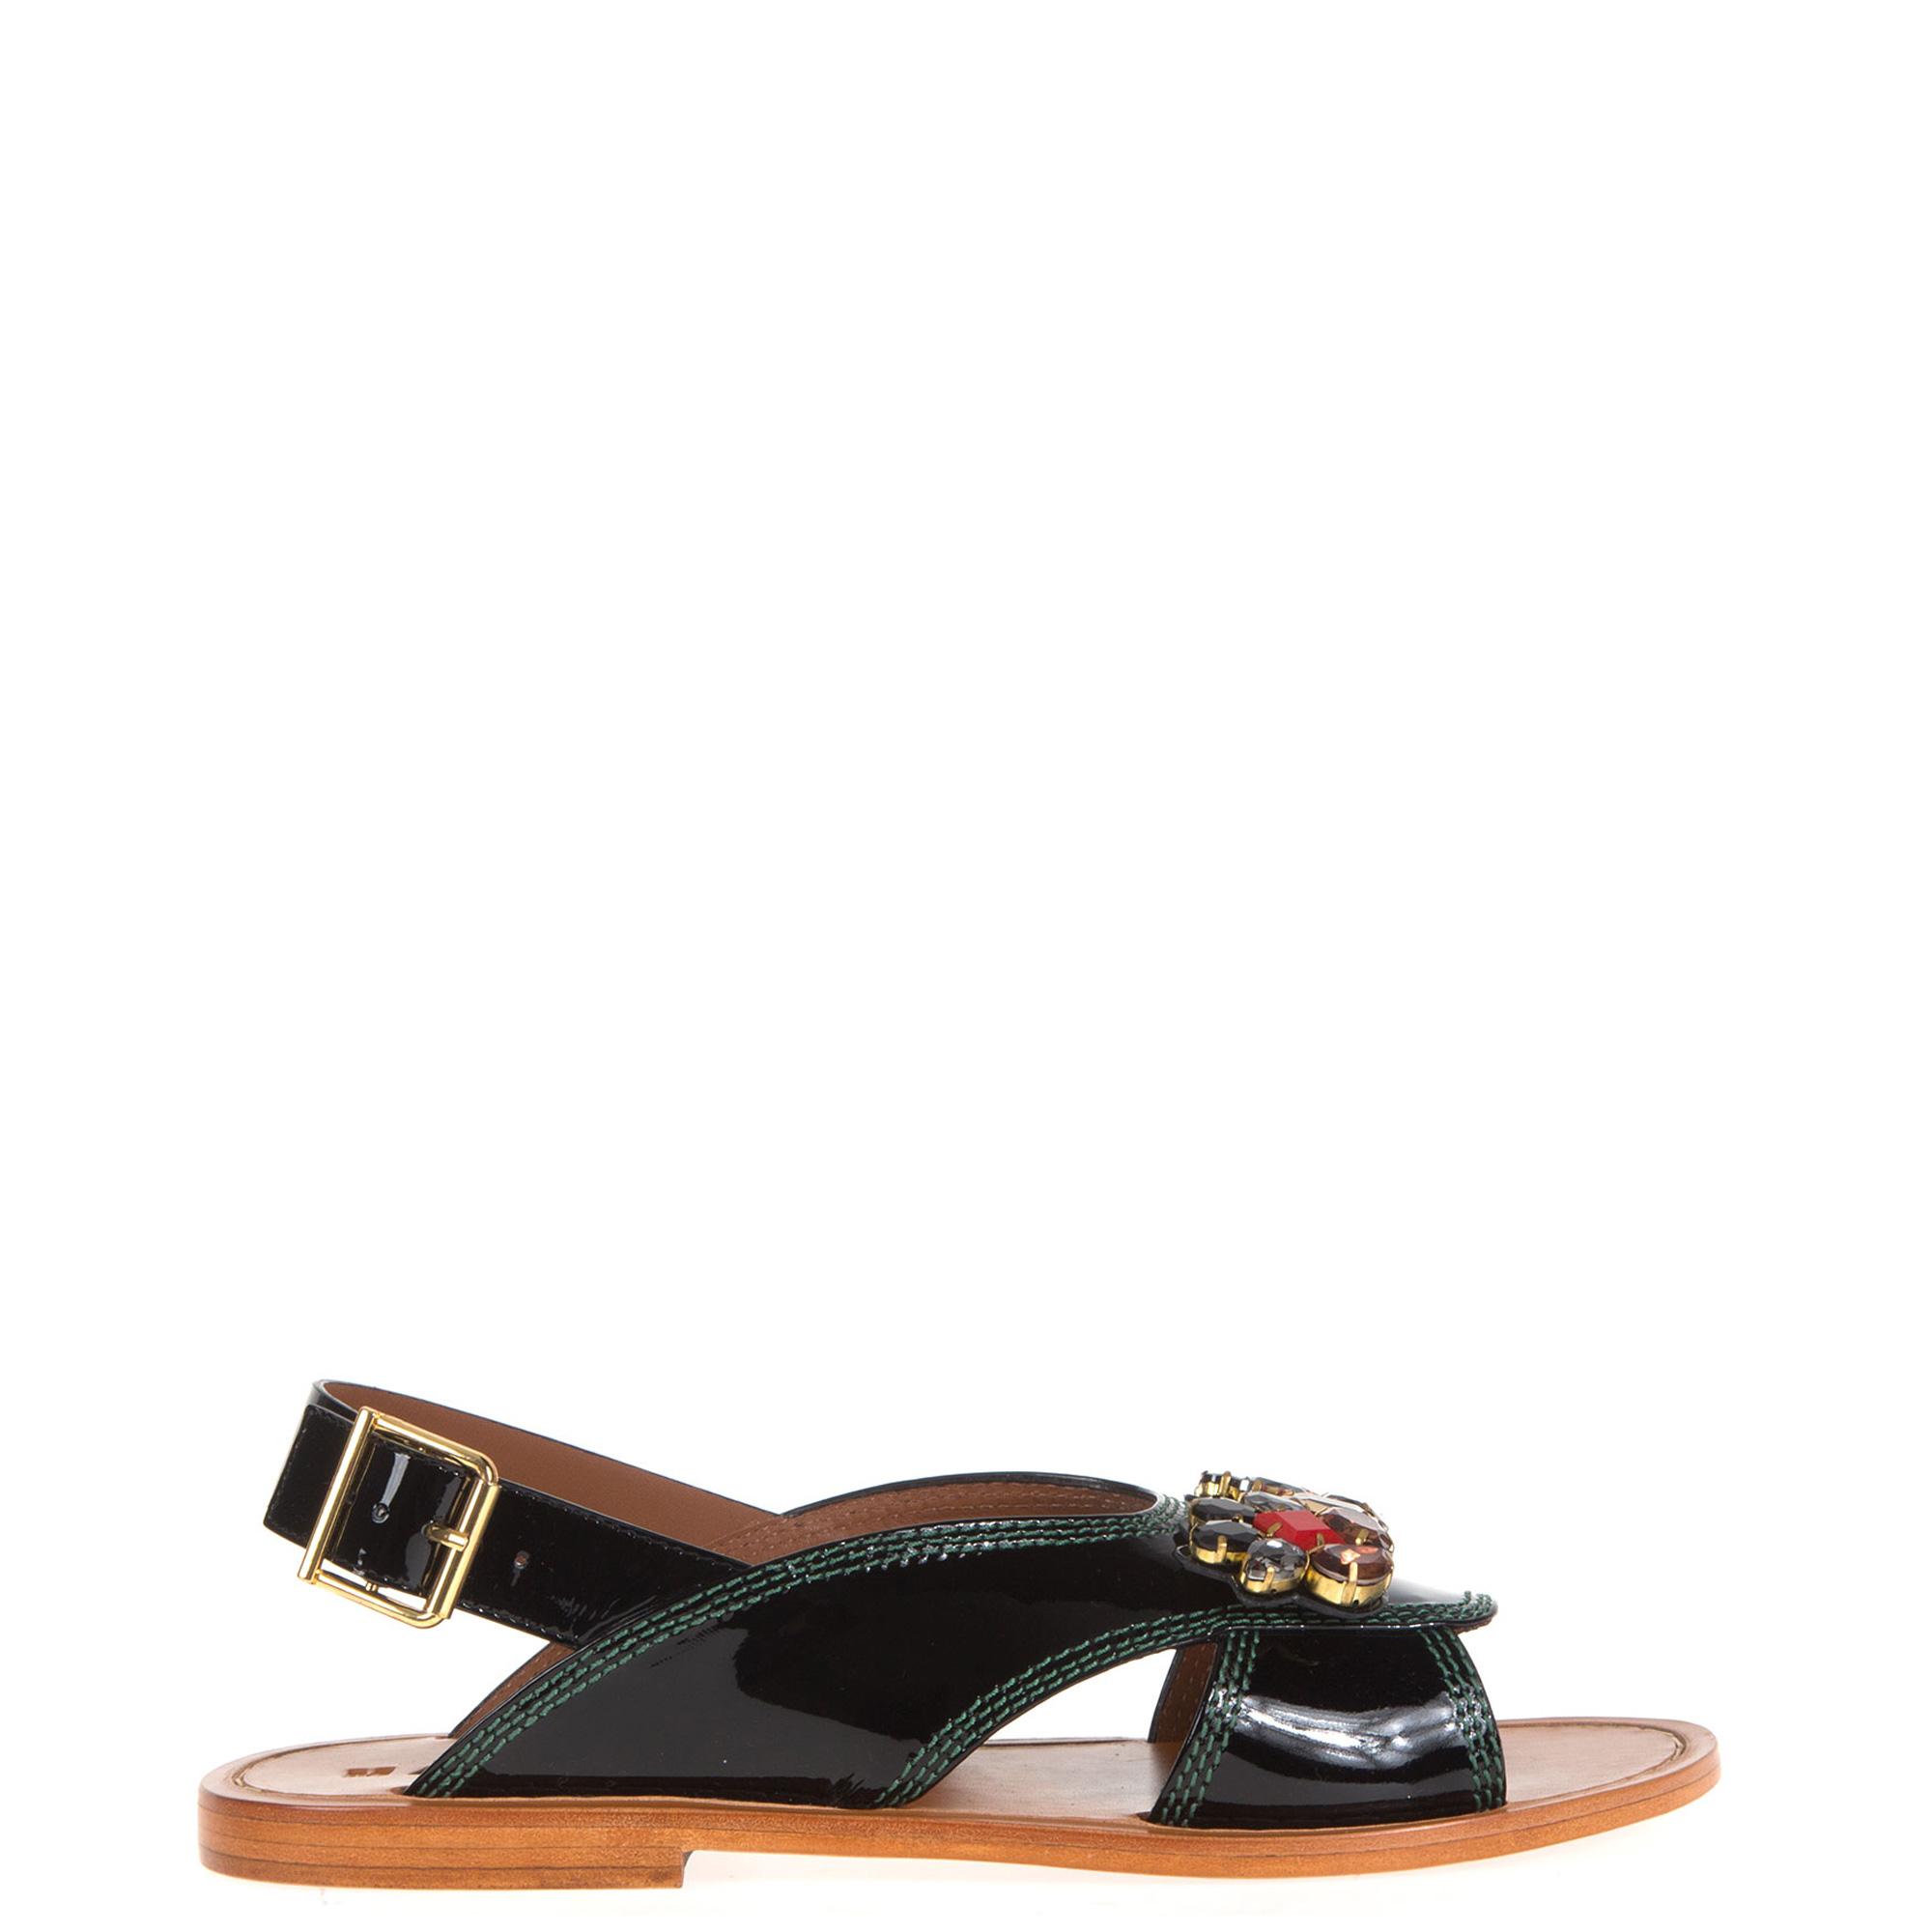 Melissa Shoes Heart Black